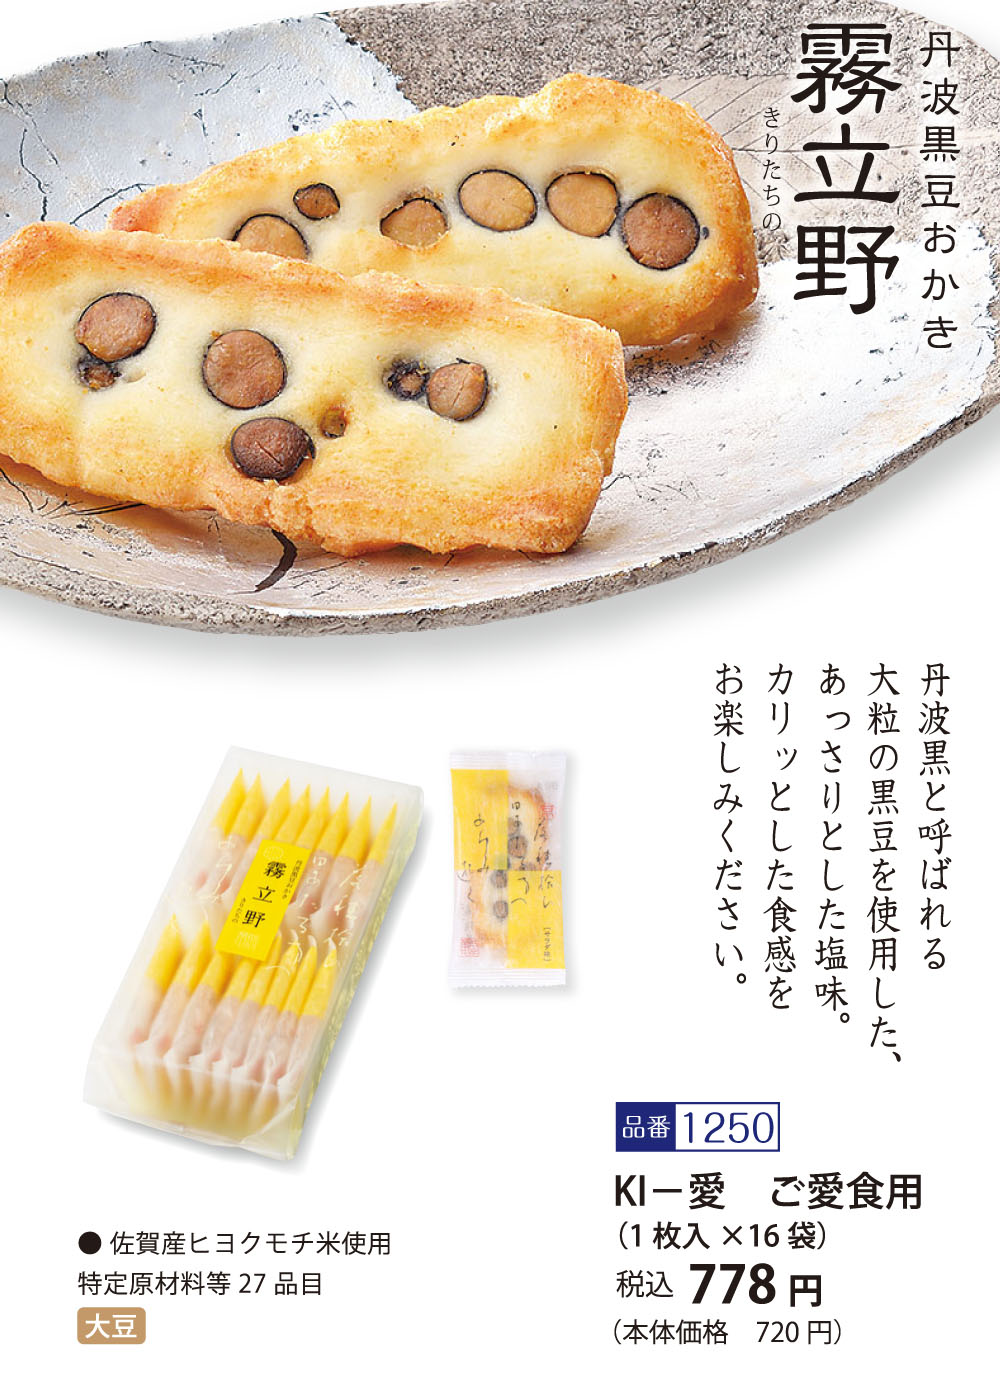 【ご愛食用袋】丹波黒豆おかき 霧立野 サラダ(16袋)